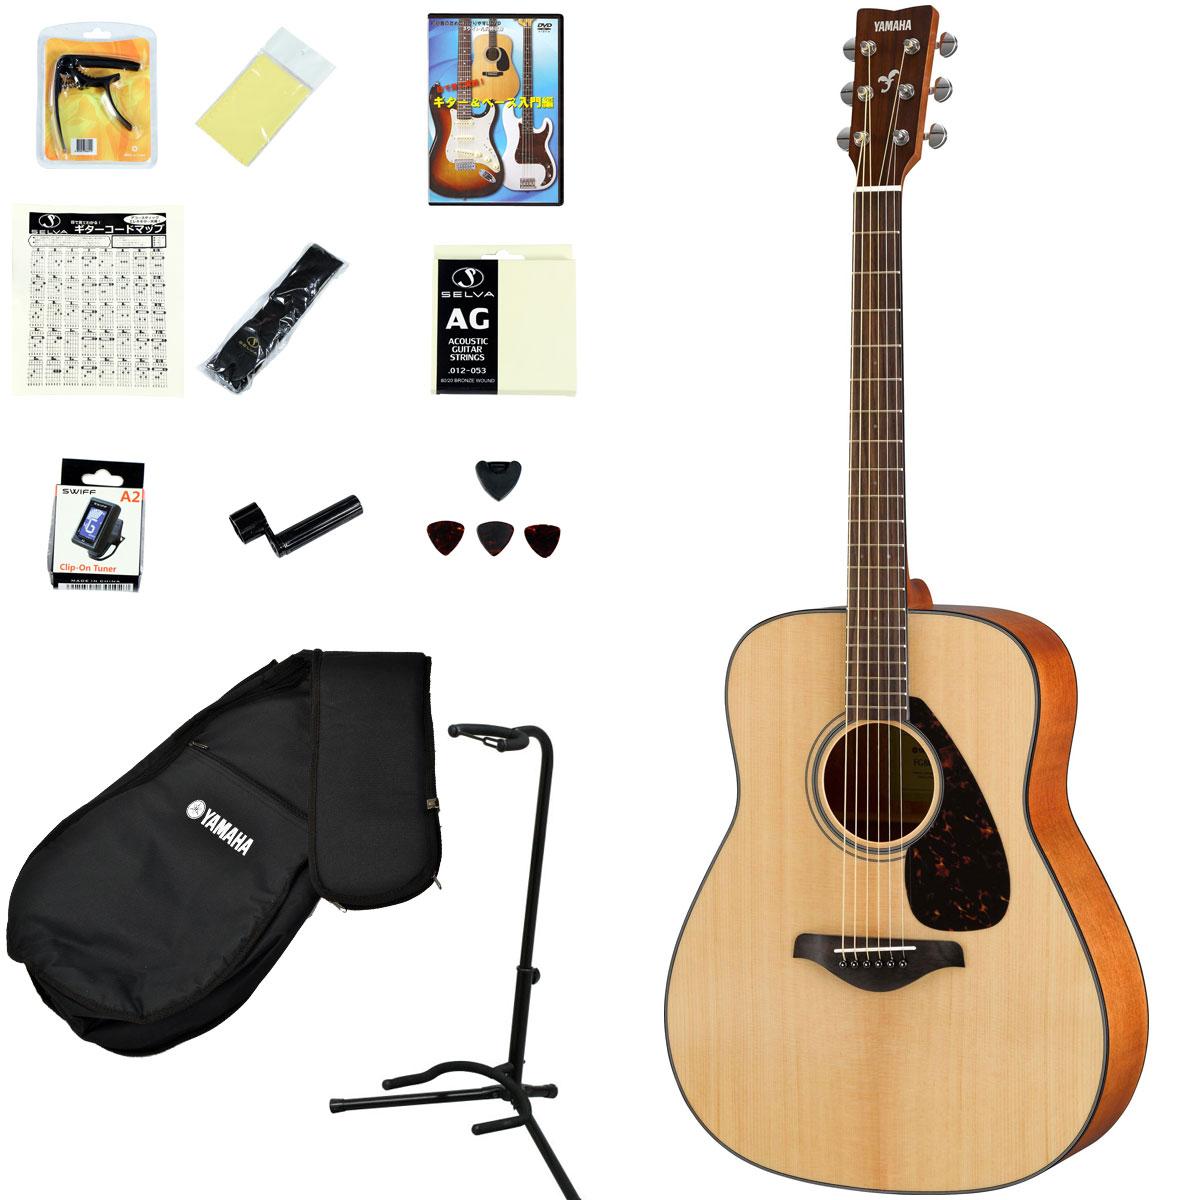 YAMAHA / FG800 NT(ナチュラル) 【アコースティックギター14点入門セット!】 ヤマハ アコギ FG-800 入門 初心者【YRK】